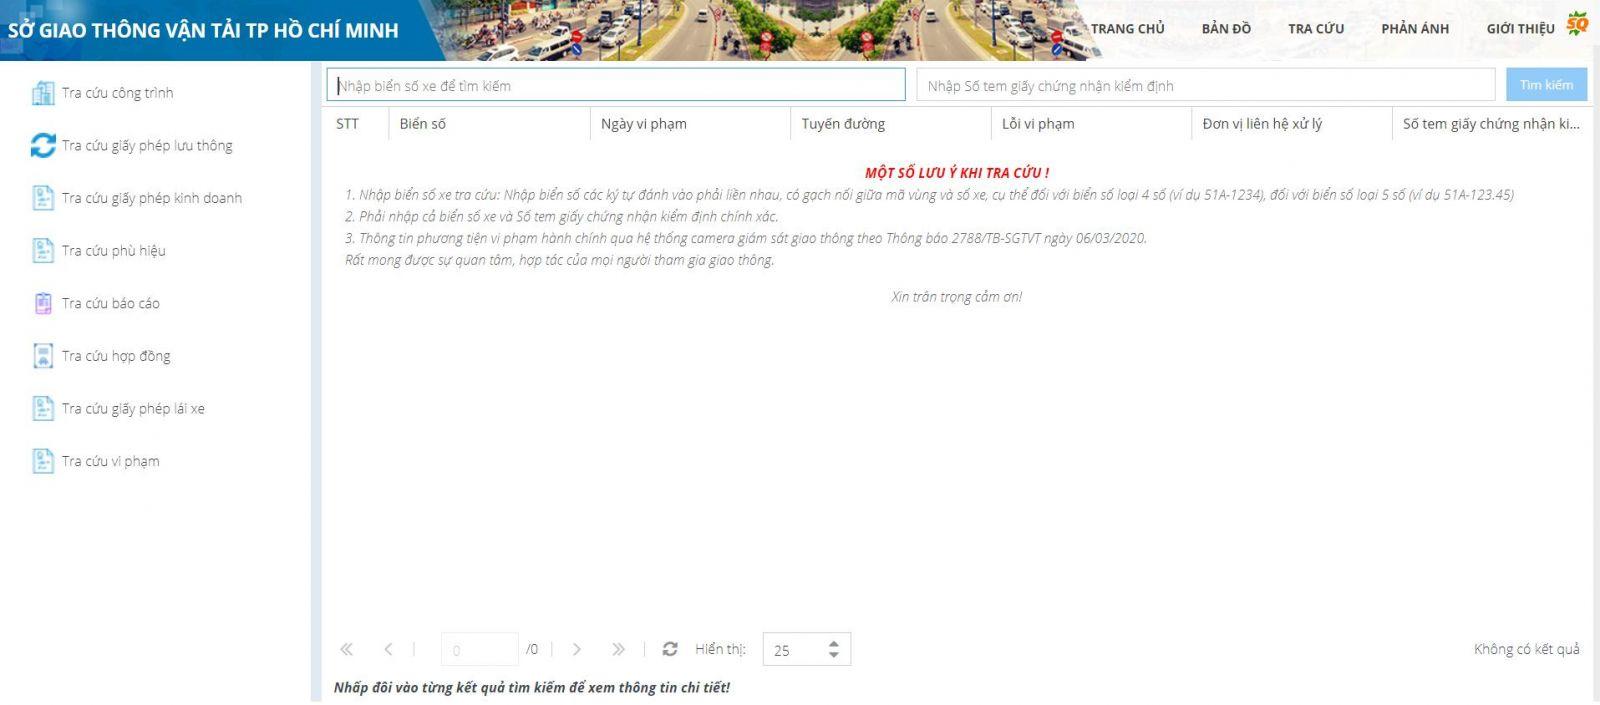 Kiểm tra trực tiếp trên website của Sở giao thông vận tải